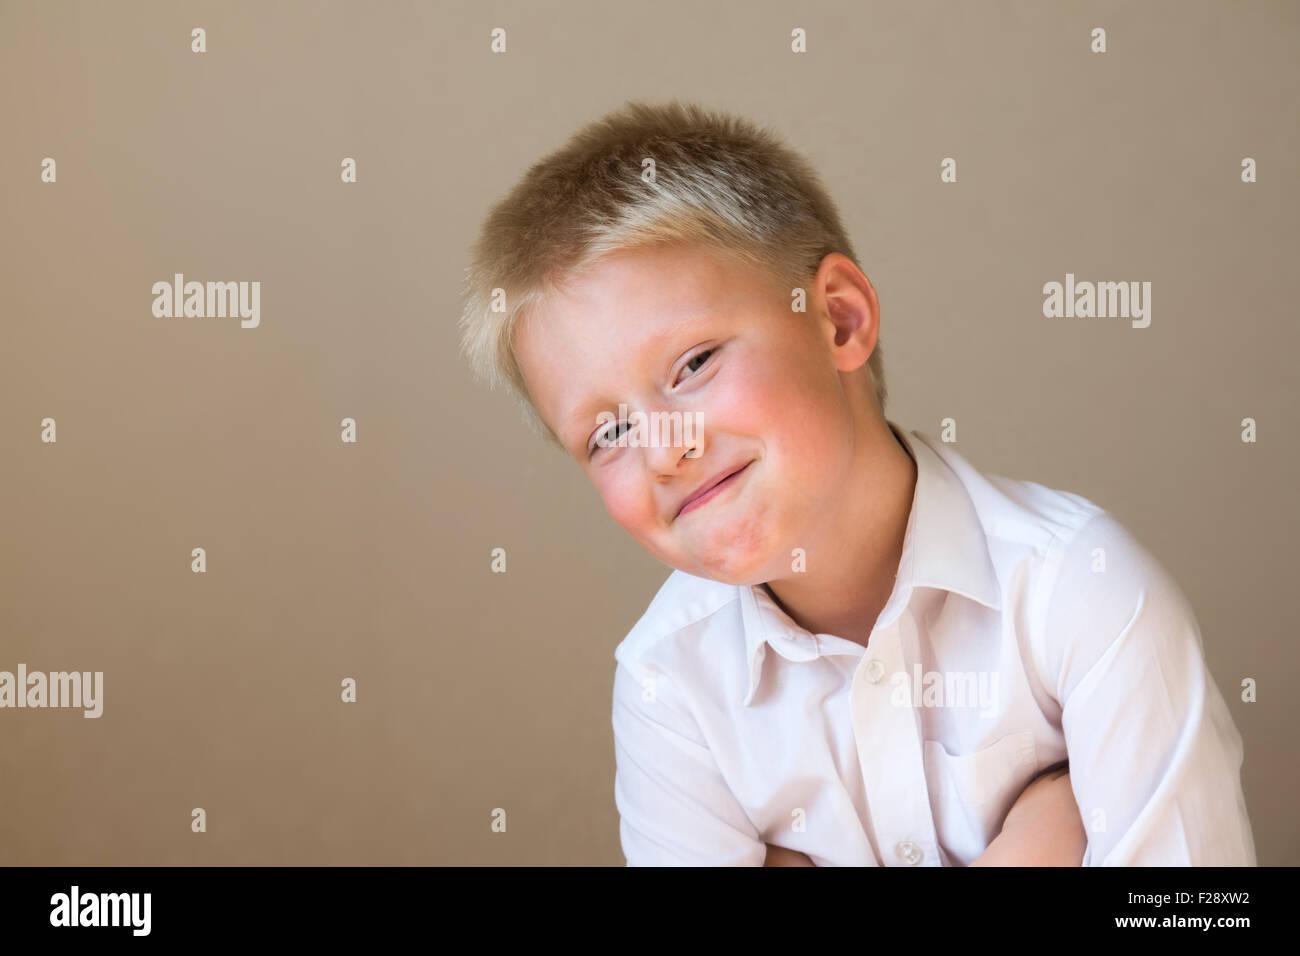 Astuzia sly sorridendo felice smart bambino ragazzo su sfondo grigio Immagini Stock